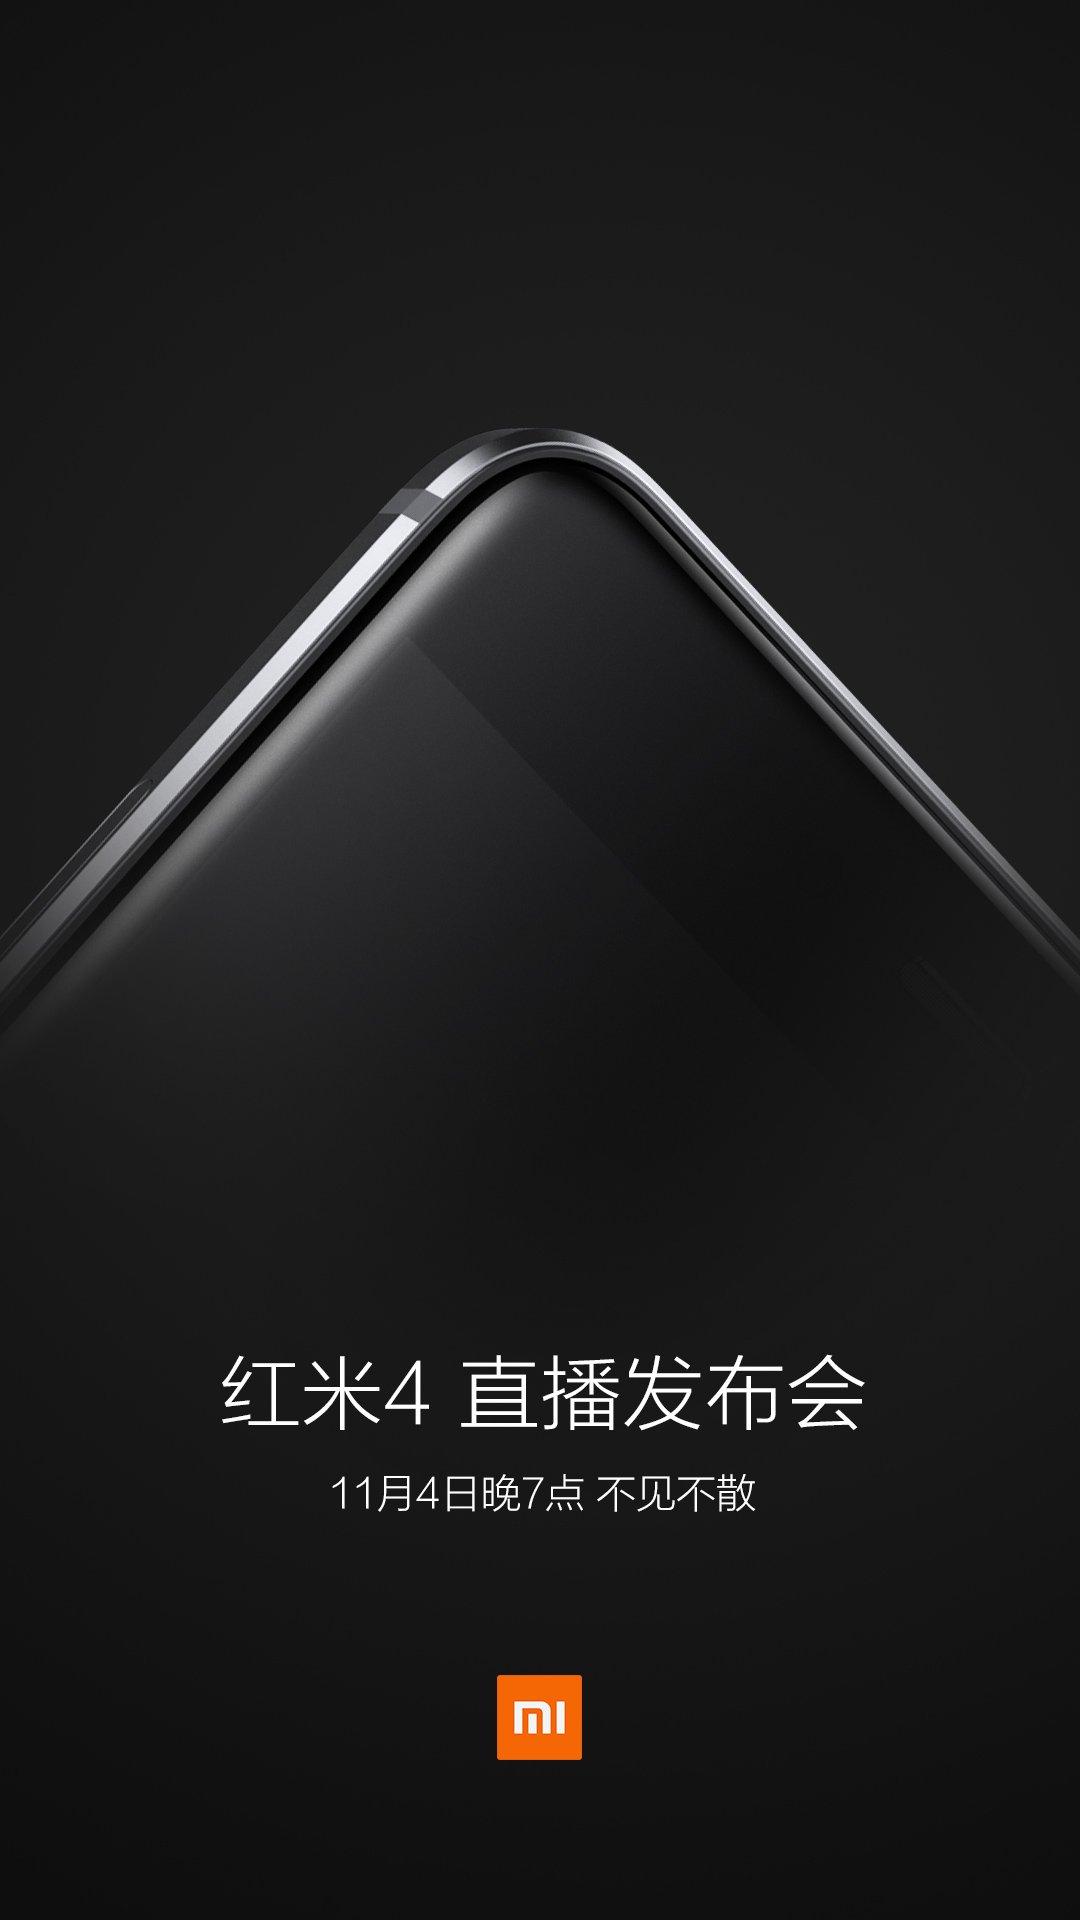 Xiaomi Redmi 4 November 4 teaser